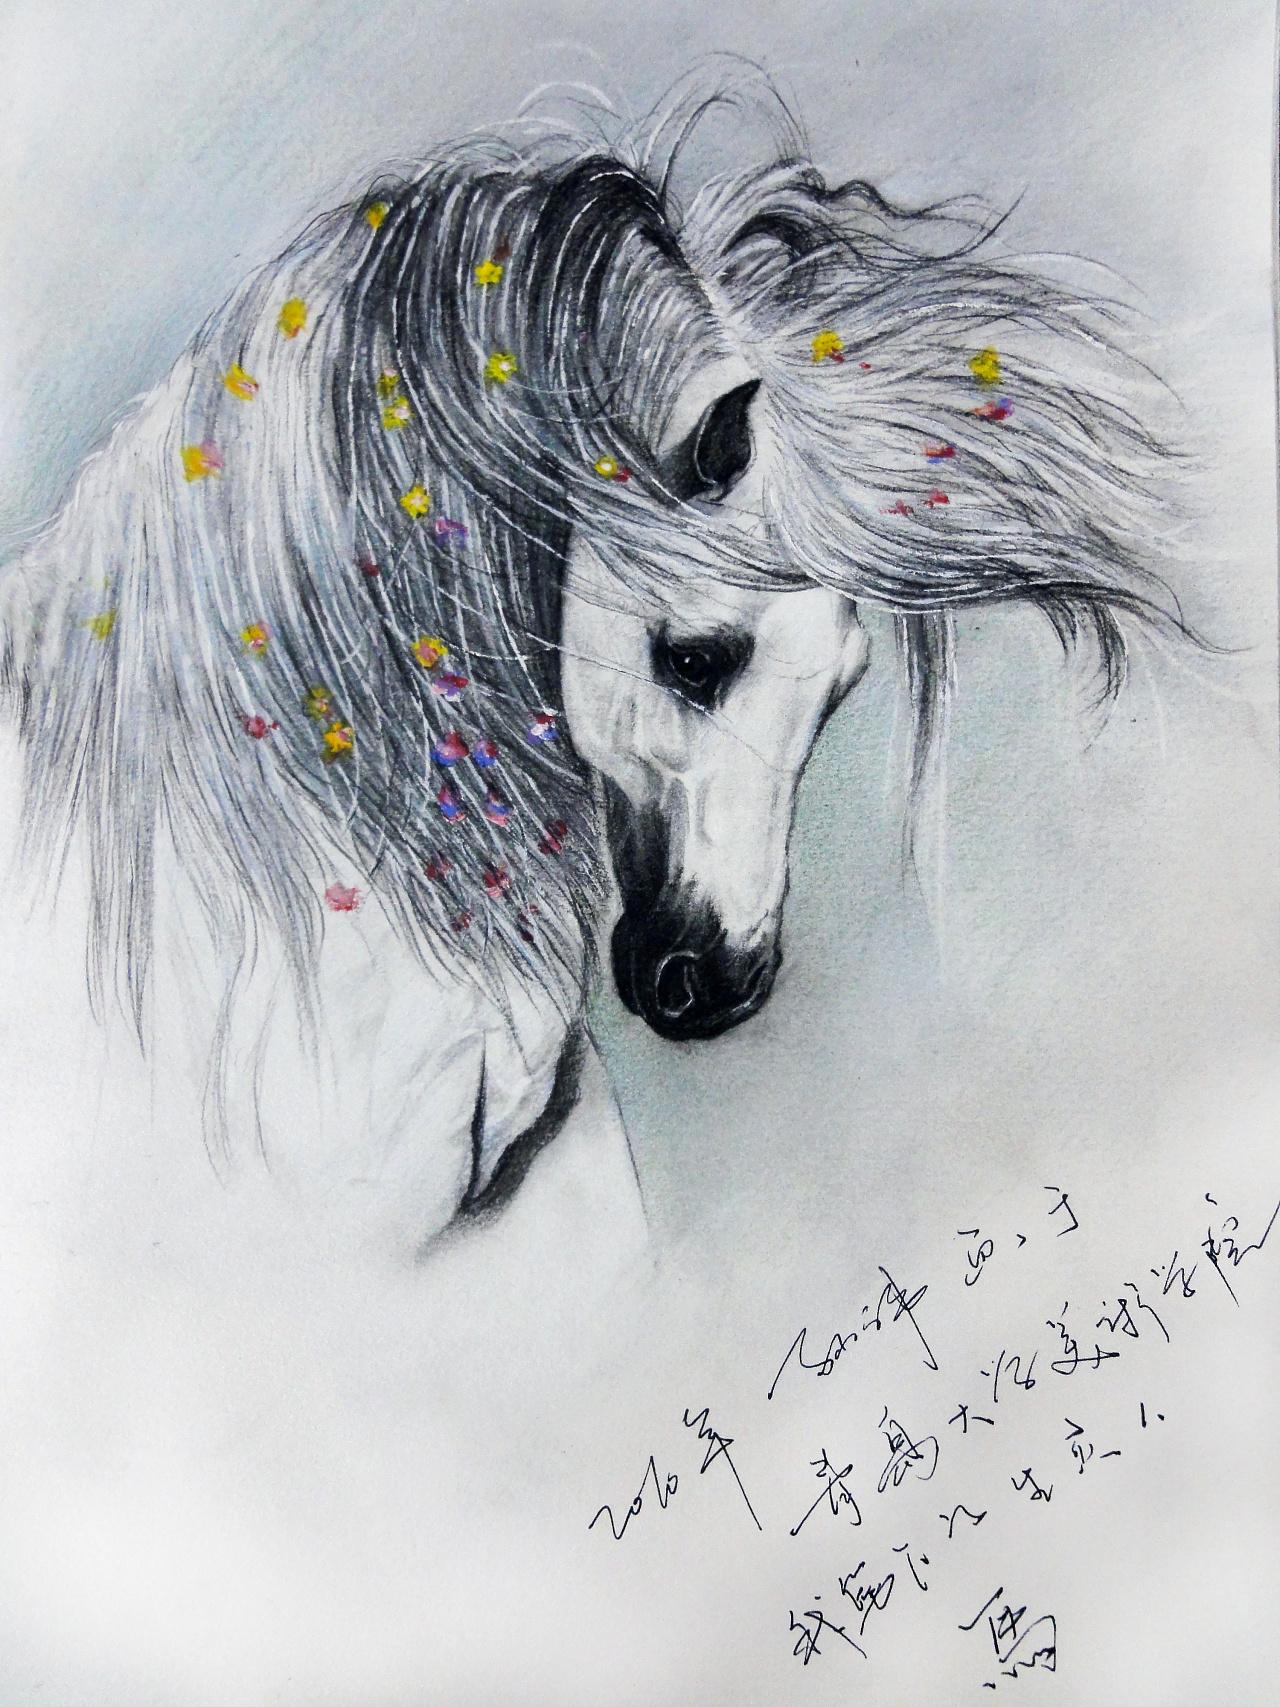 小伟 彩铅 及素描绘画作品汇总 感谢大家一路的支持